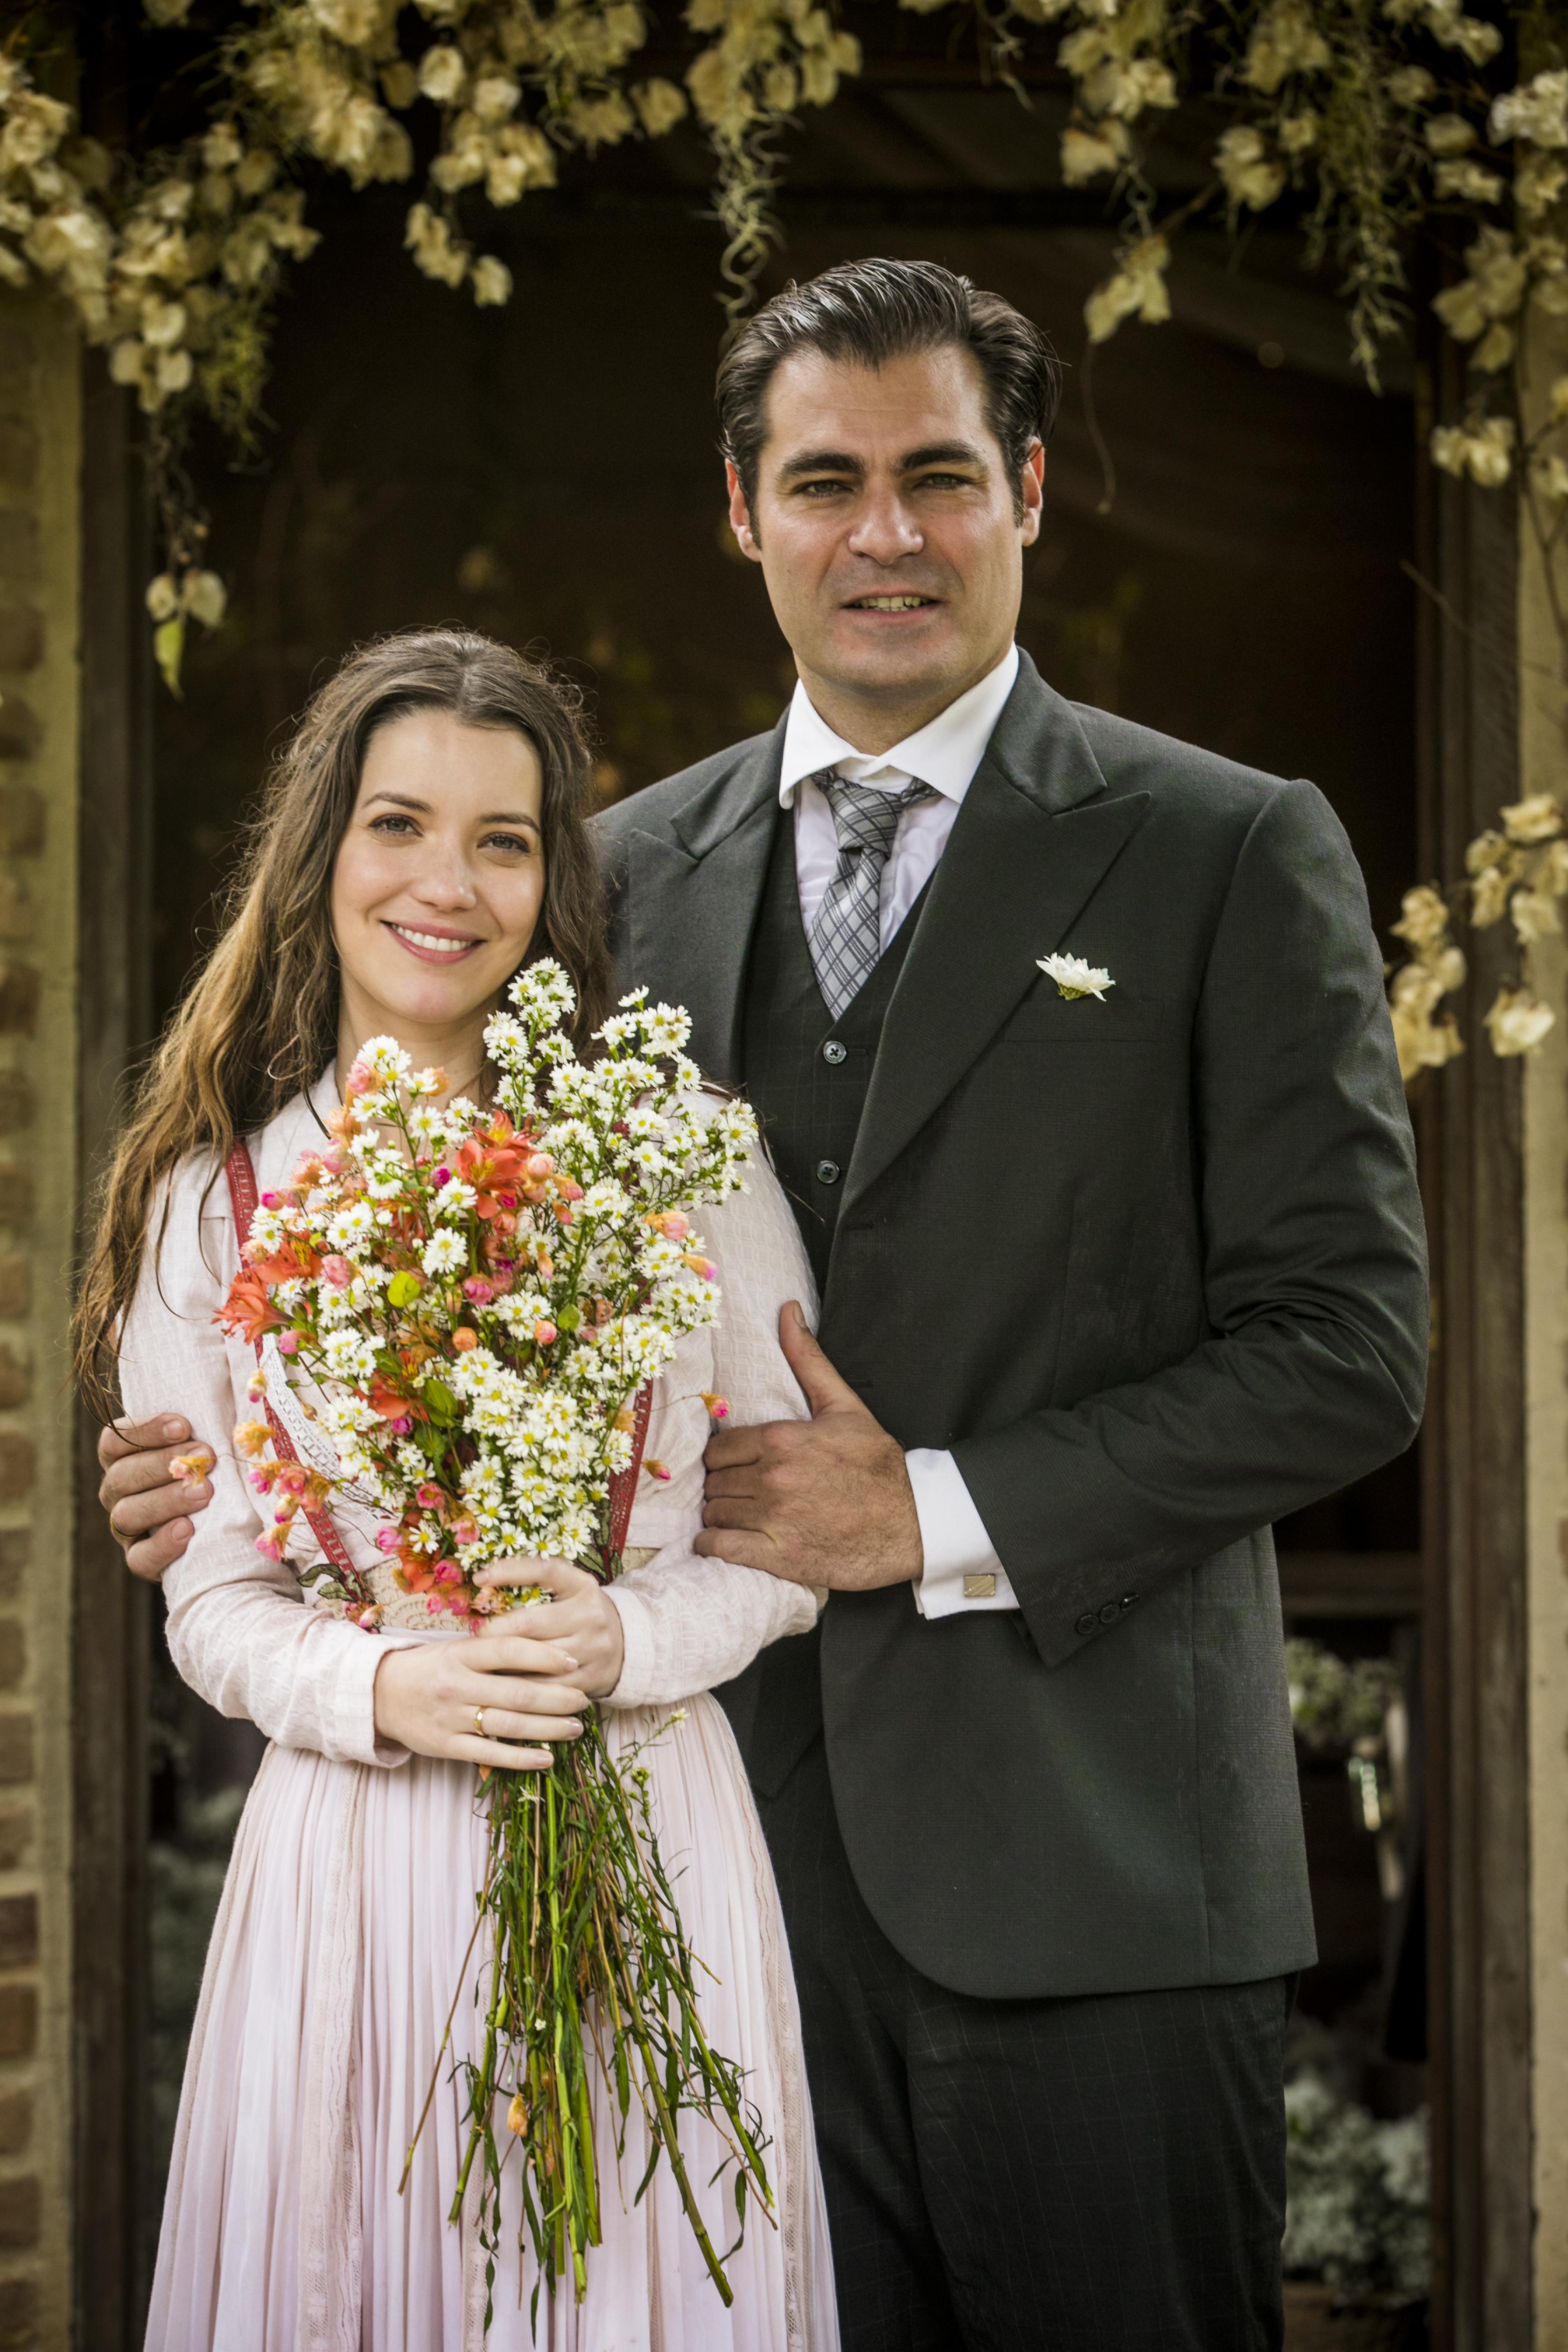 Orgulho e Paixão: Casamento de Darcy (Thiago Lacerda) e Elisabeta (Nathalia Dill)